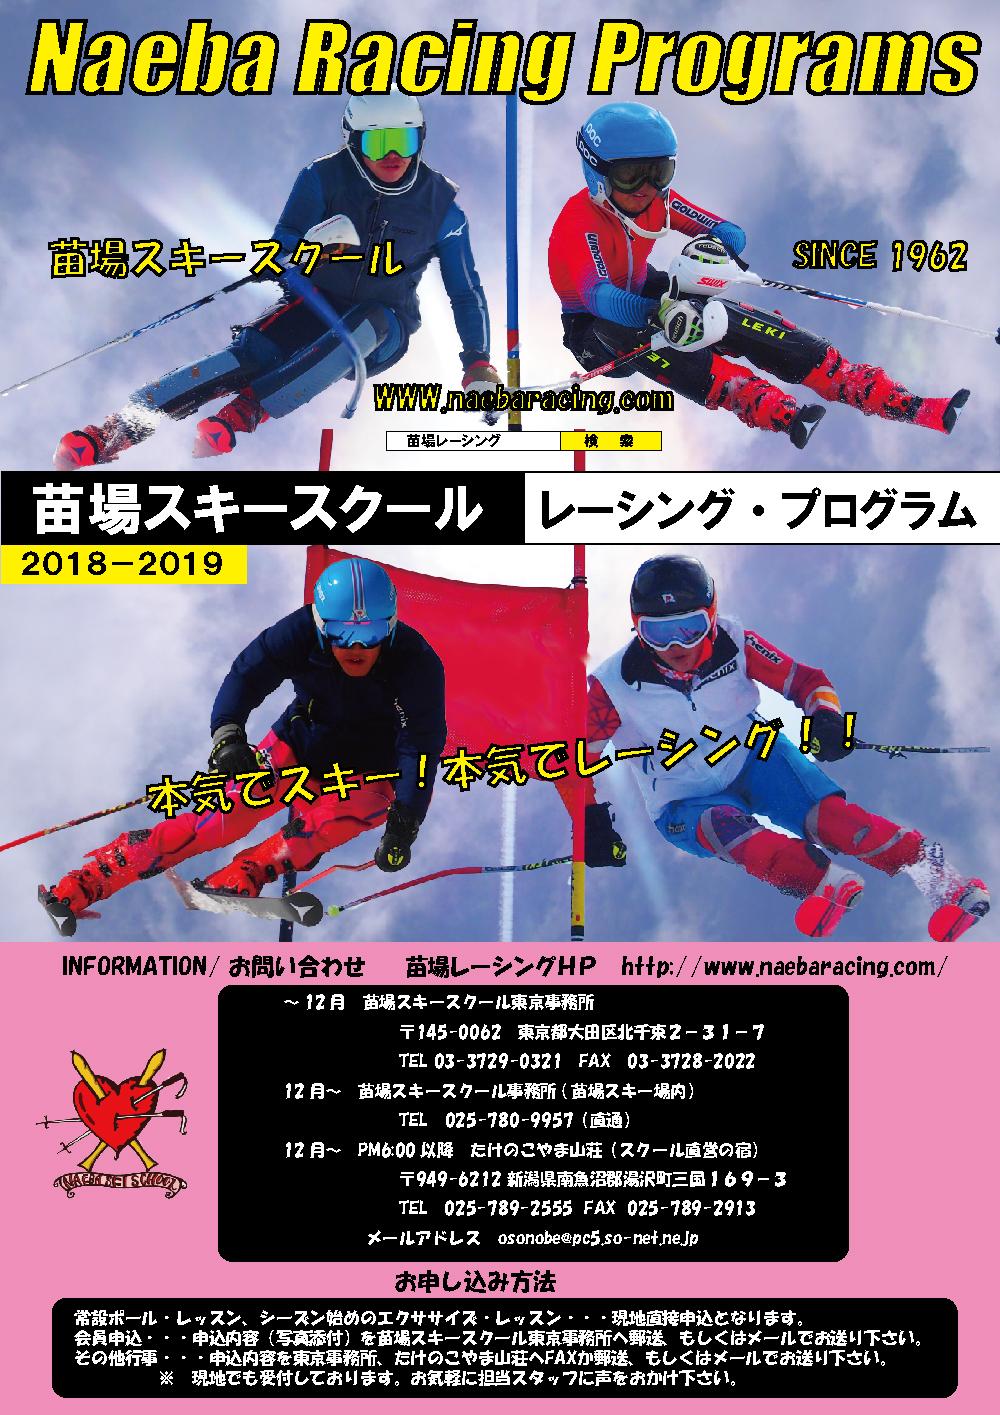 2018苗場スキースクール・レーシング・プログラム表紙